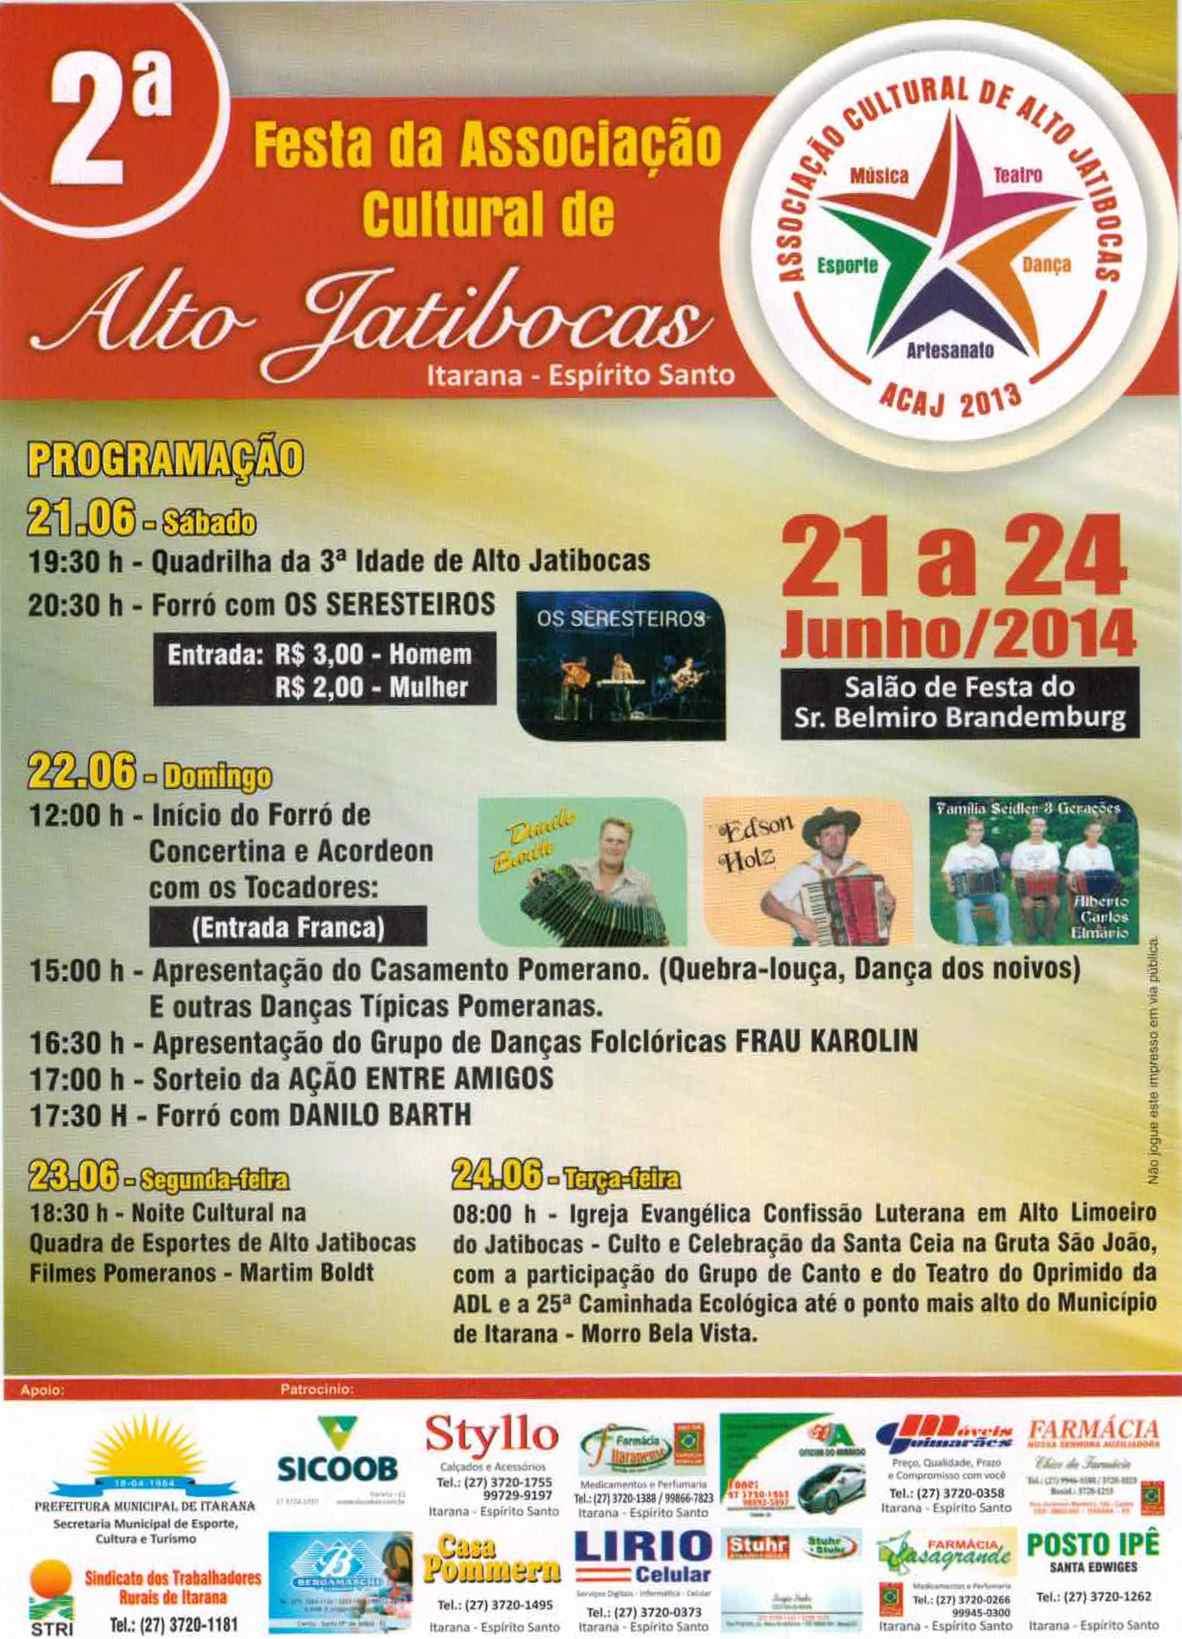 Atrações culturais e forró animam a 2ª Festa da Associação Cultural de Alto Jatibocas